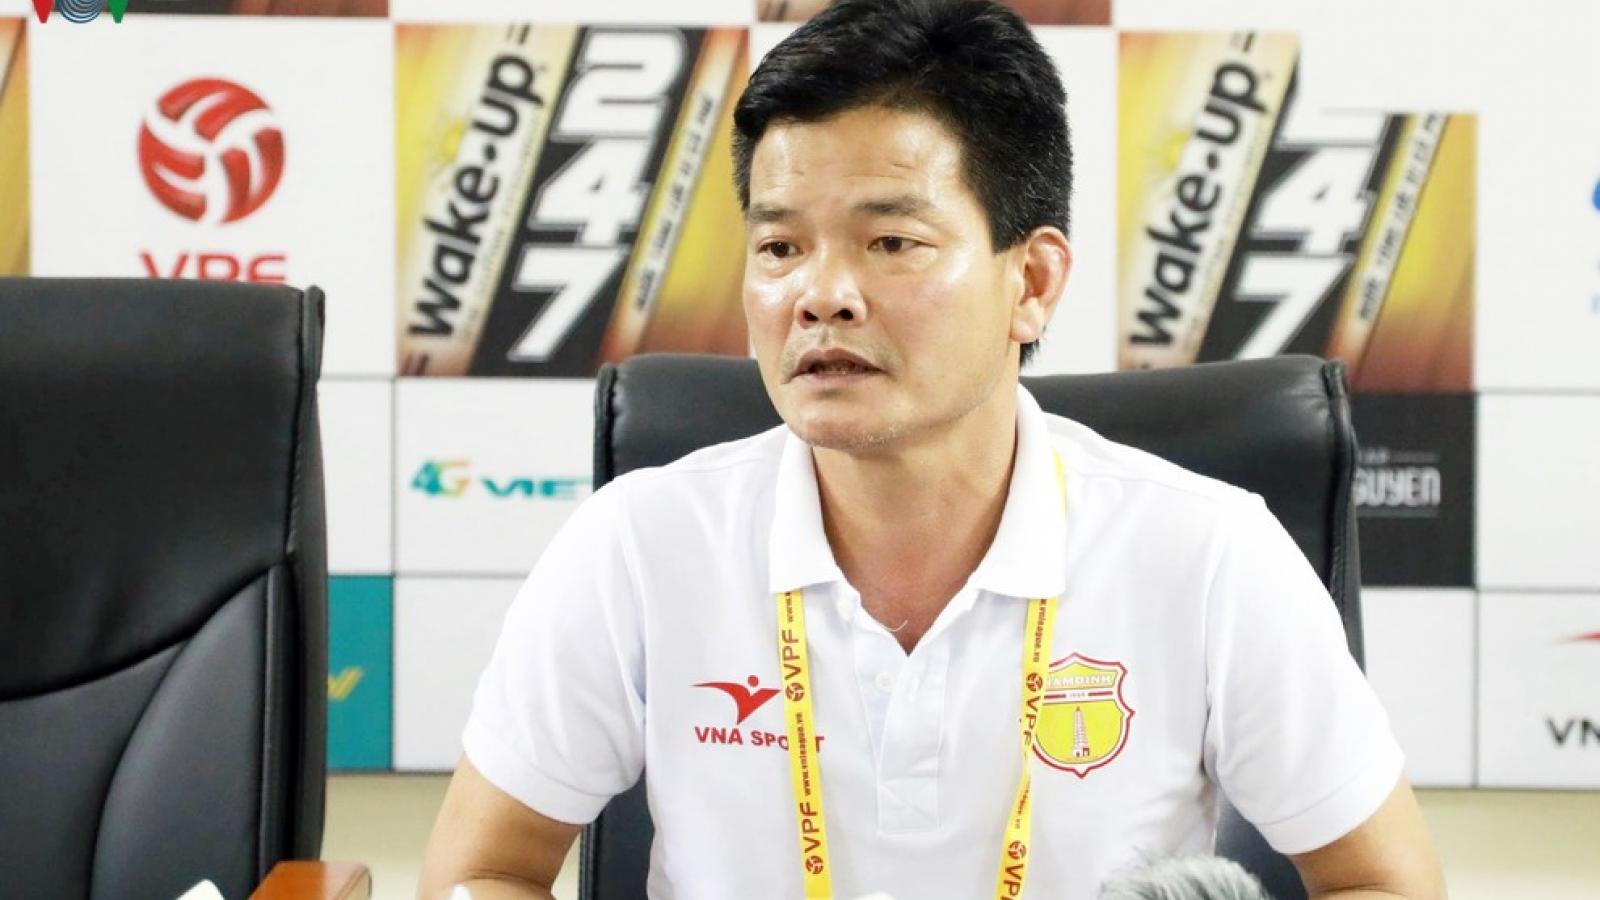 HLV Văn Sỹ báo tin vui, Nam Định sẵn sàng chiến đấu khi V-League trở lại